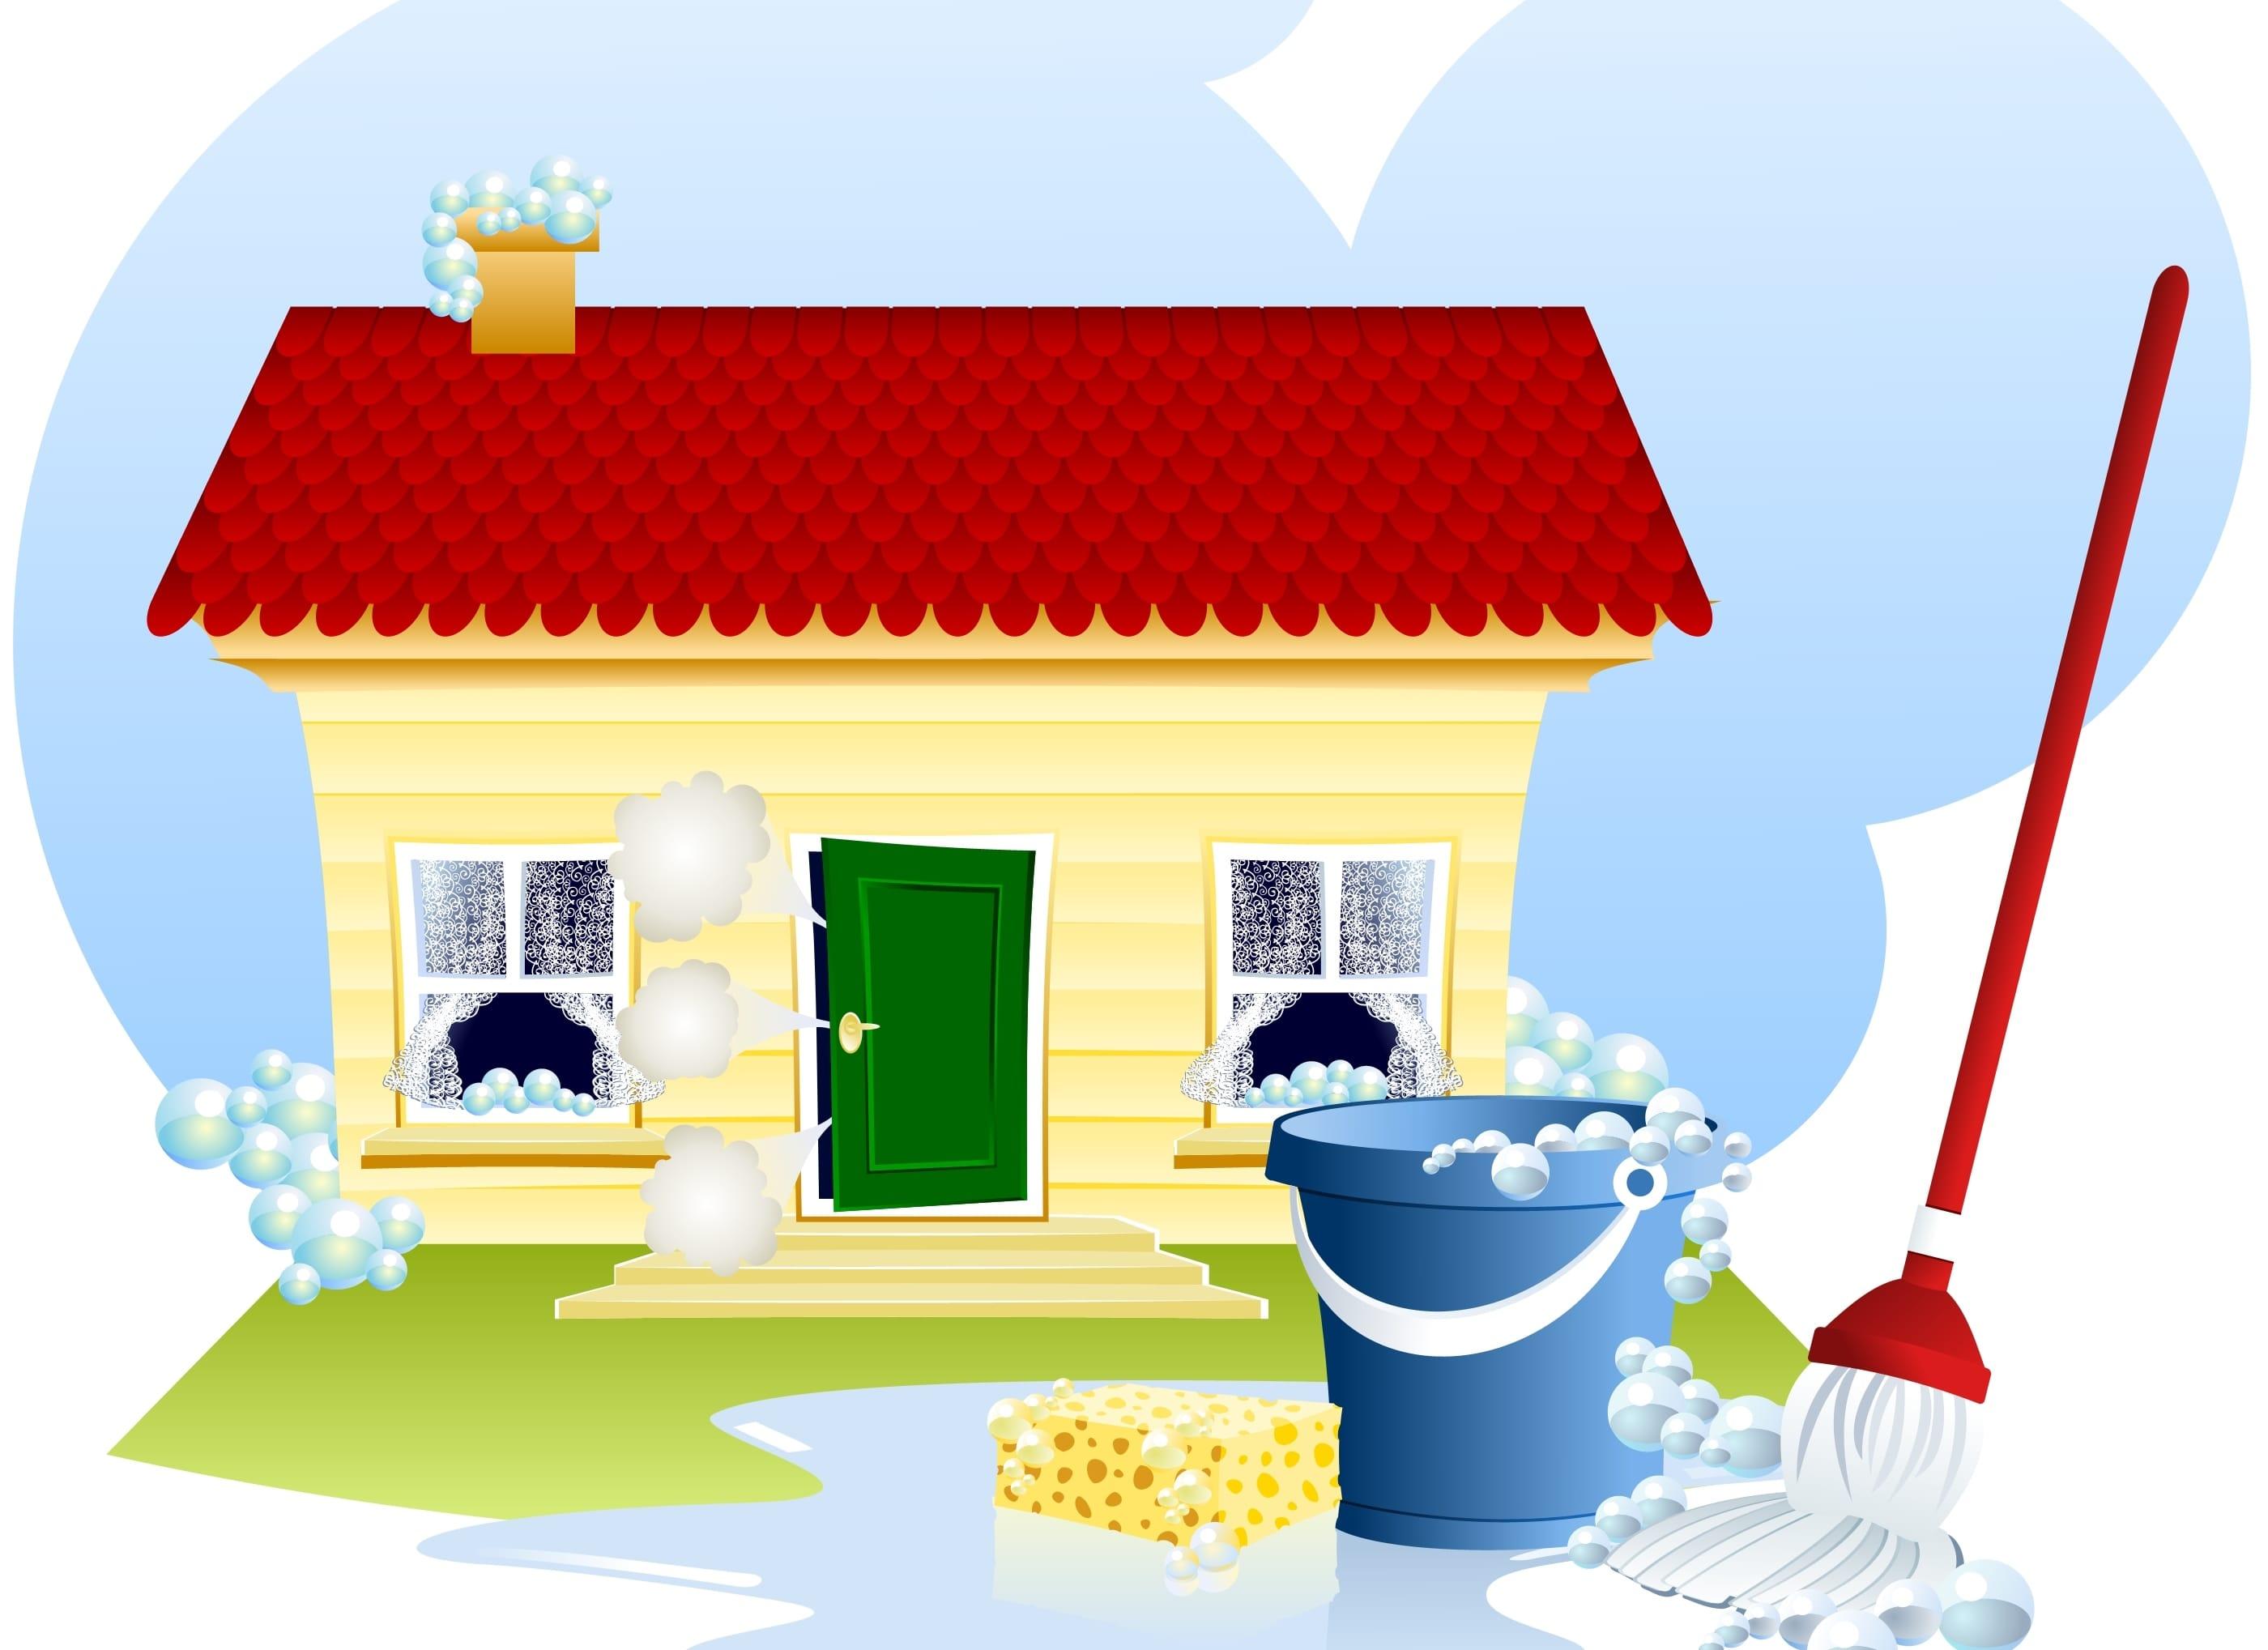 Pulizie al rientro dalle vacanze non sprecare - Prima casa non pignorabile dalle banche ...